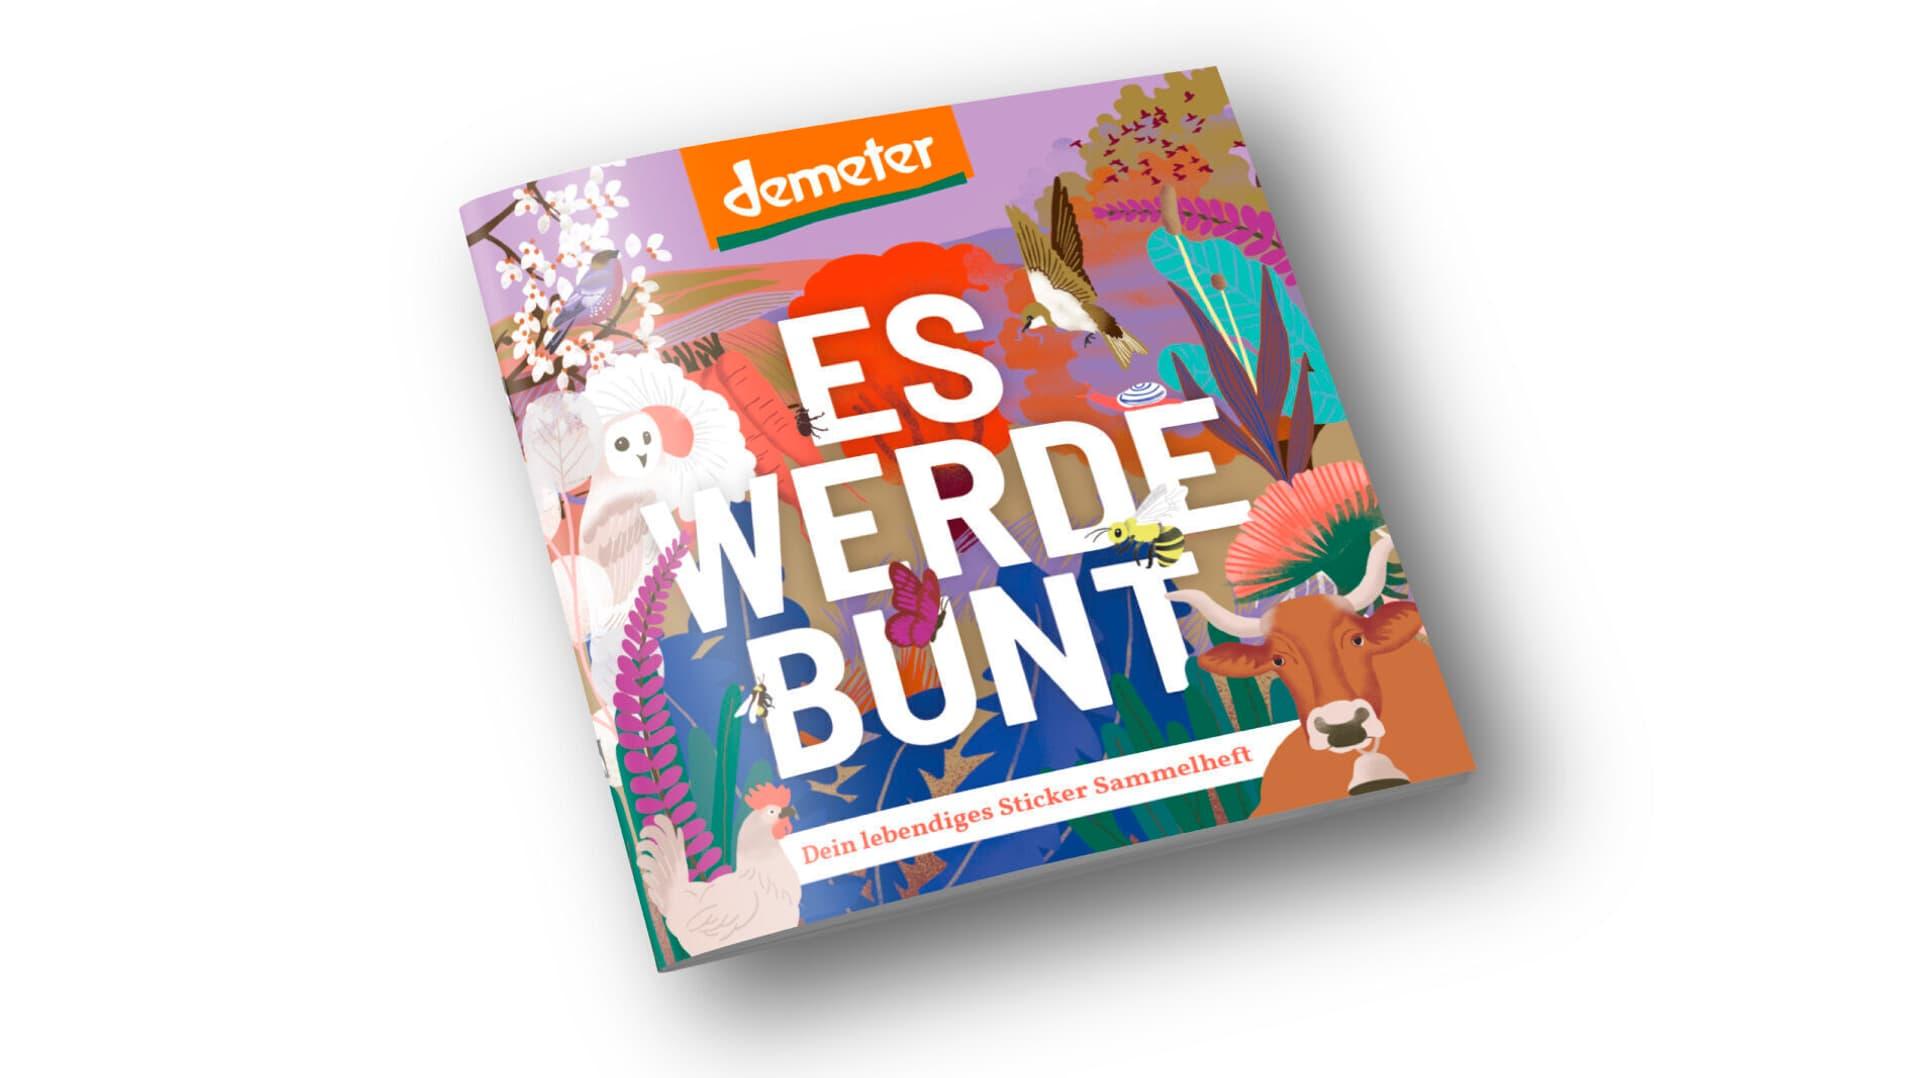 Demeter, Ackerbunt, Kampagne